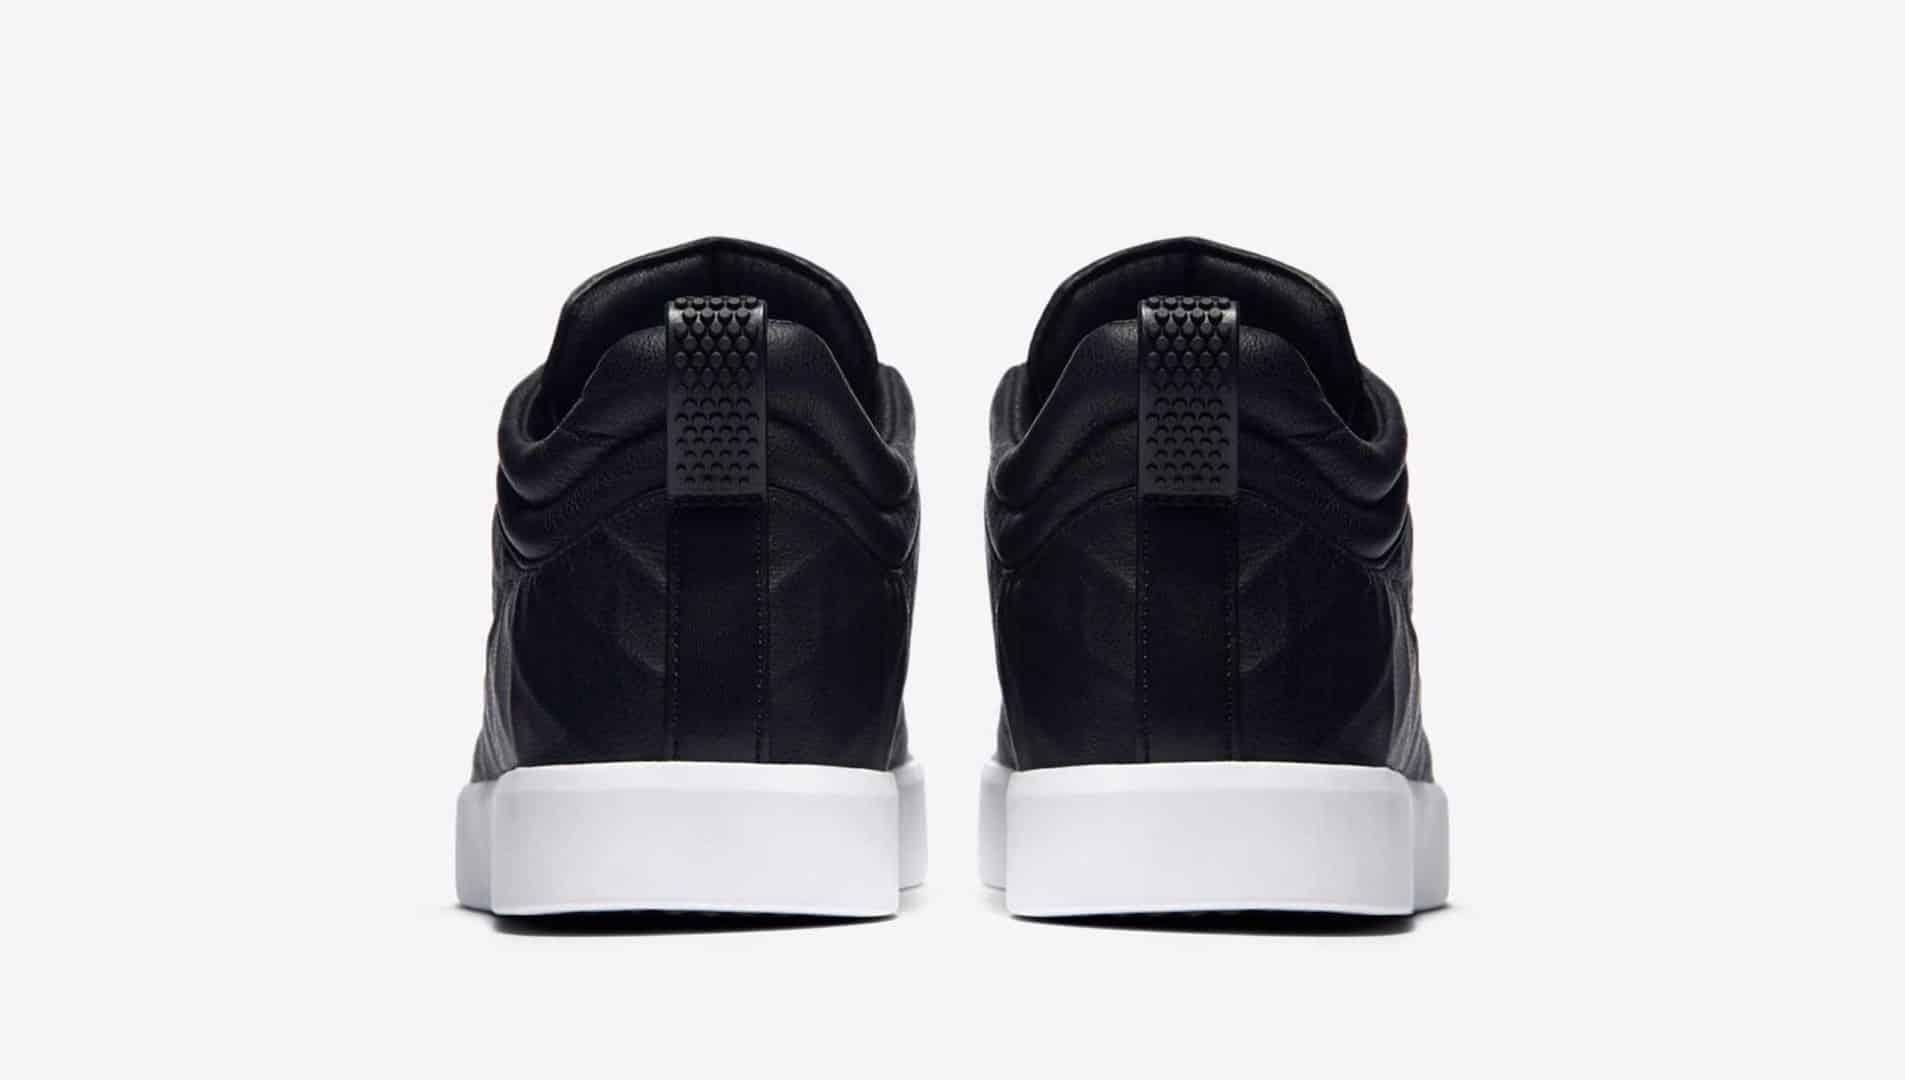 chaussures-sportstyle-nike-tiempo-vetta-17-img4